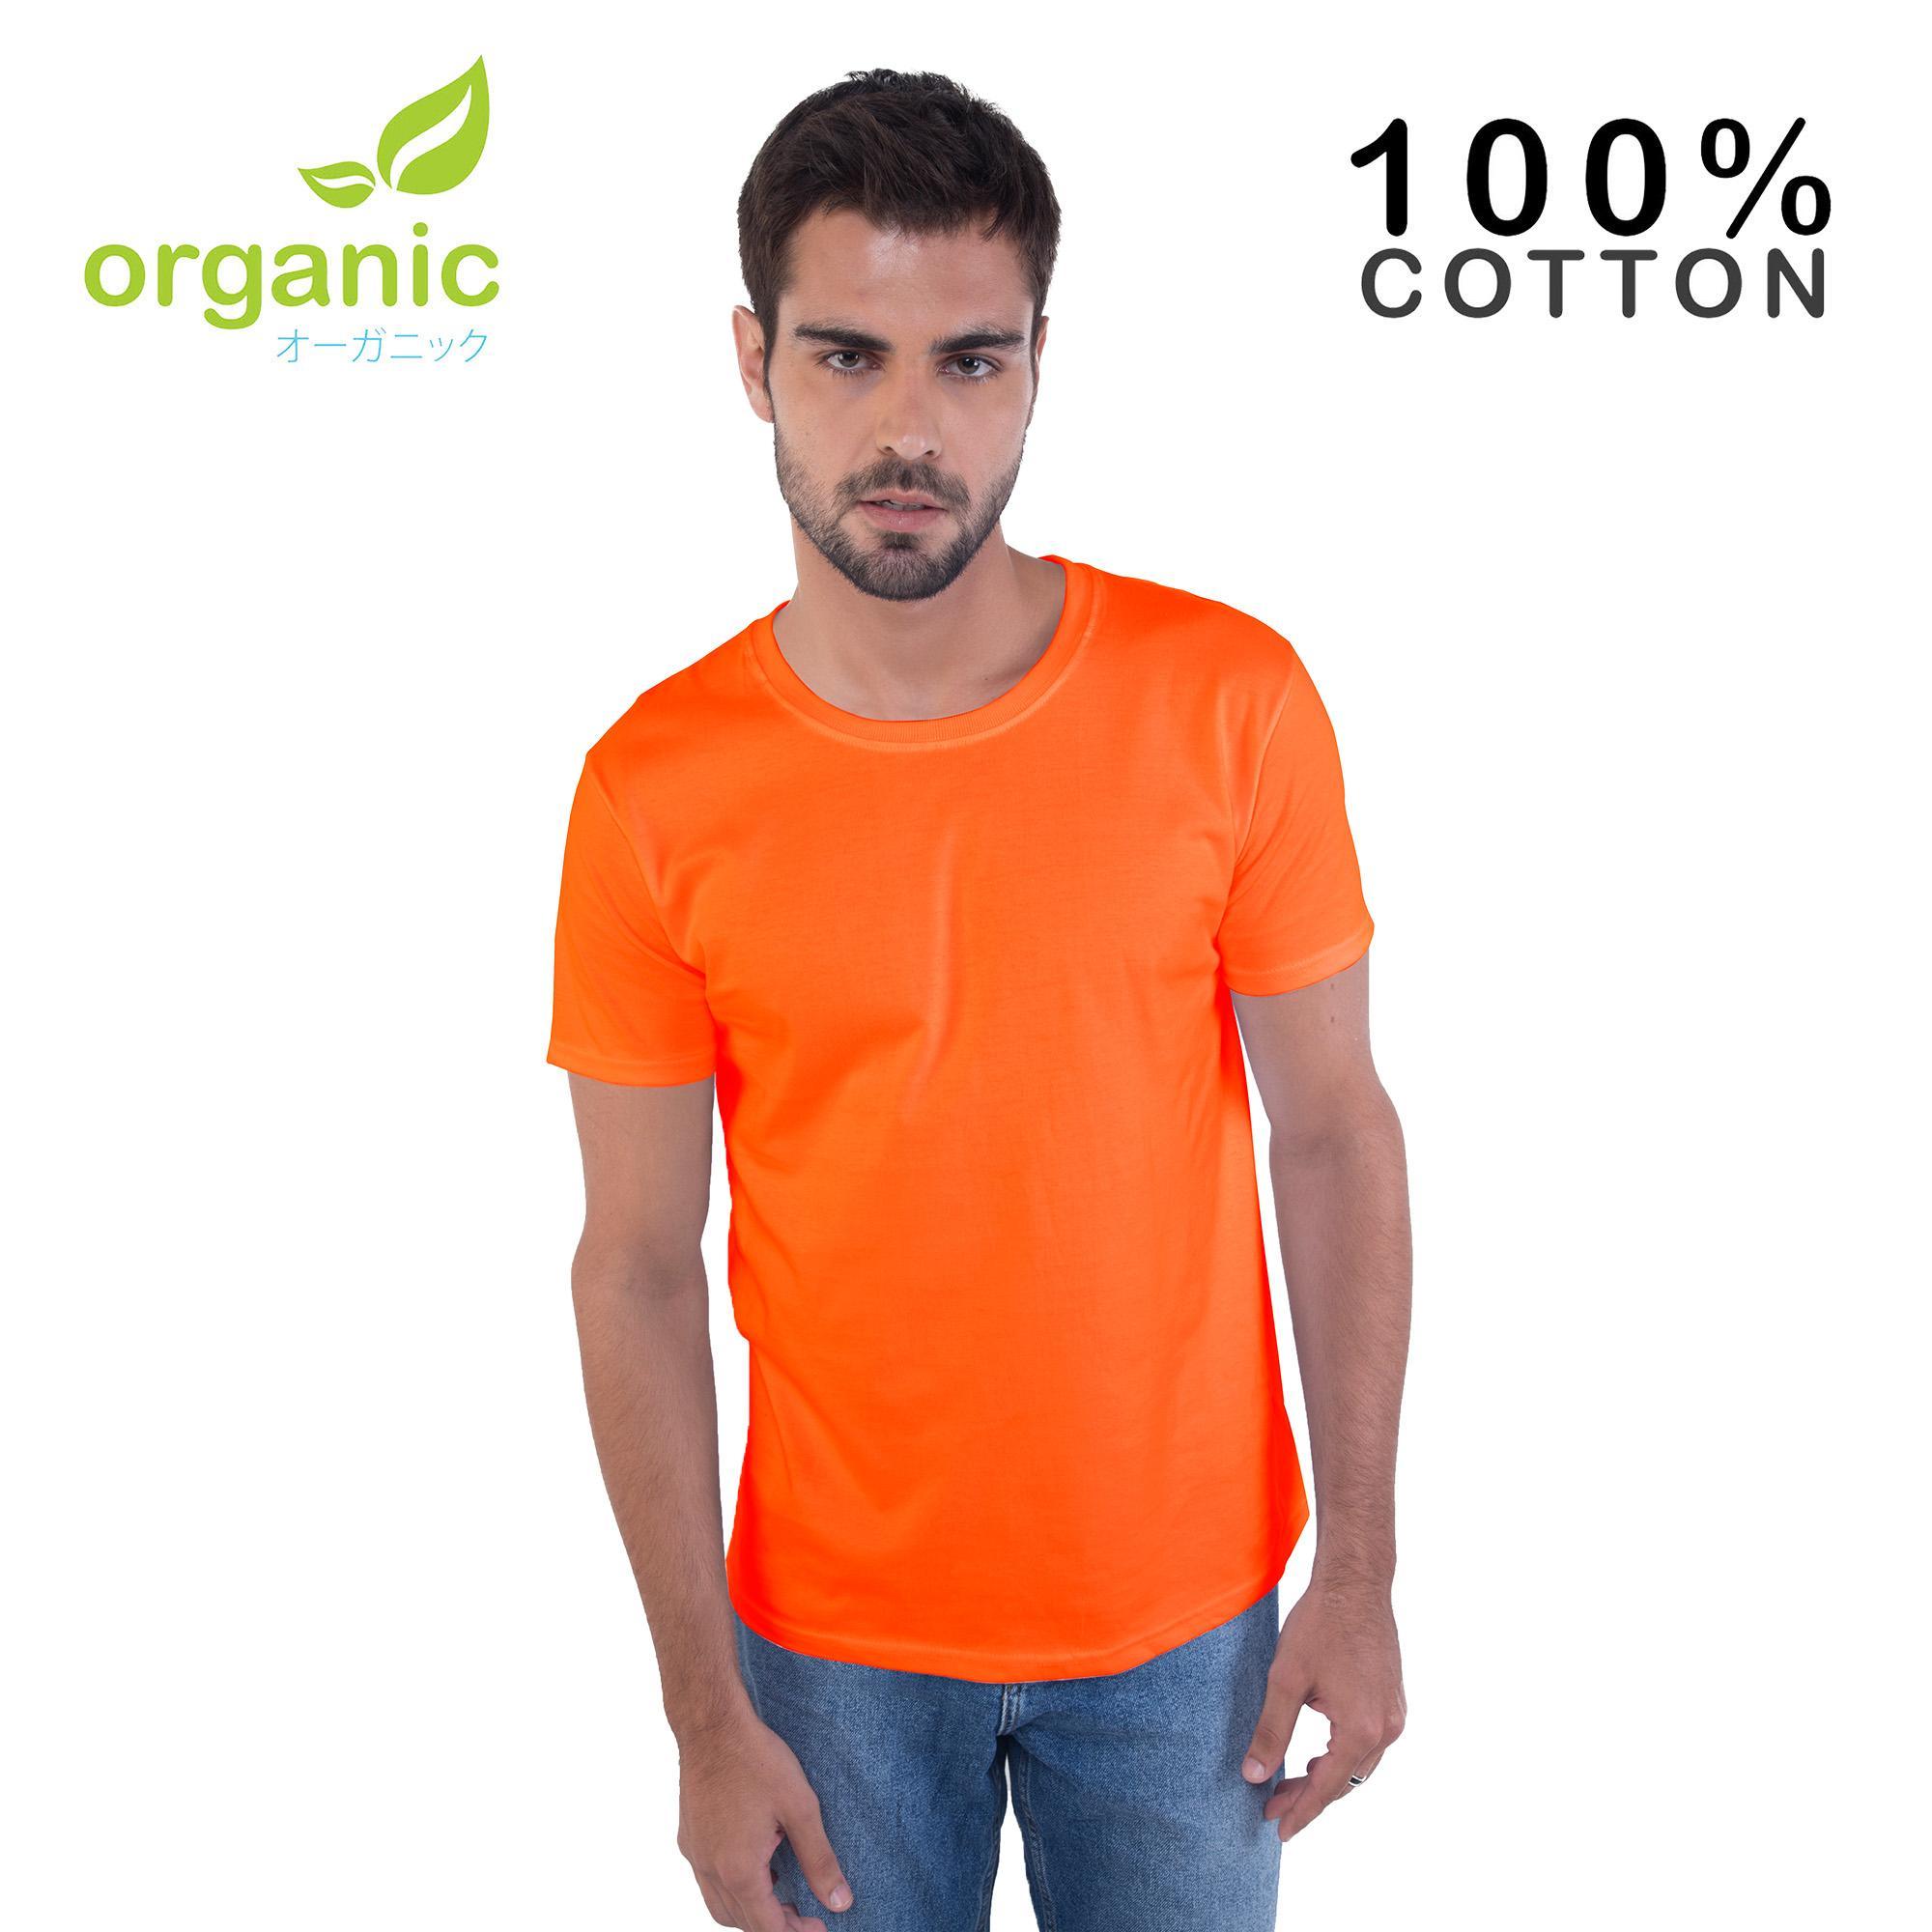 af8ccc23a8 T-Shirt Clothing for Men for sale - Mens Shirt Clothing online brands